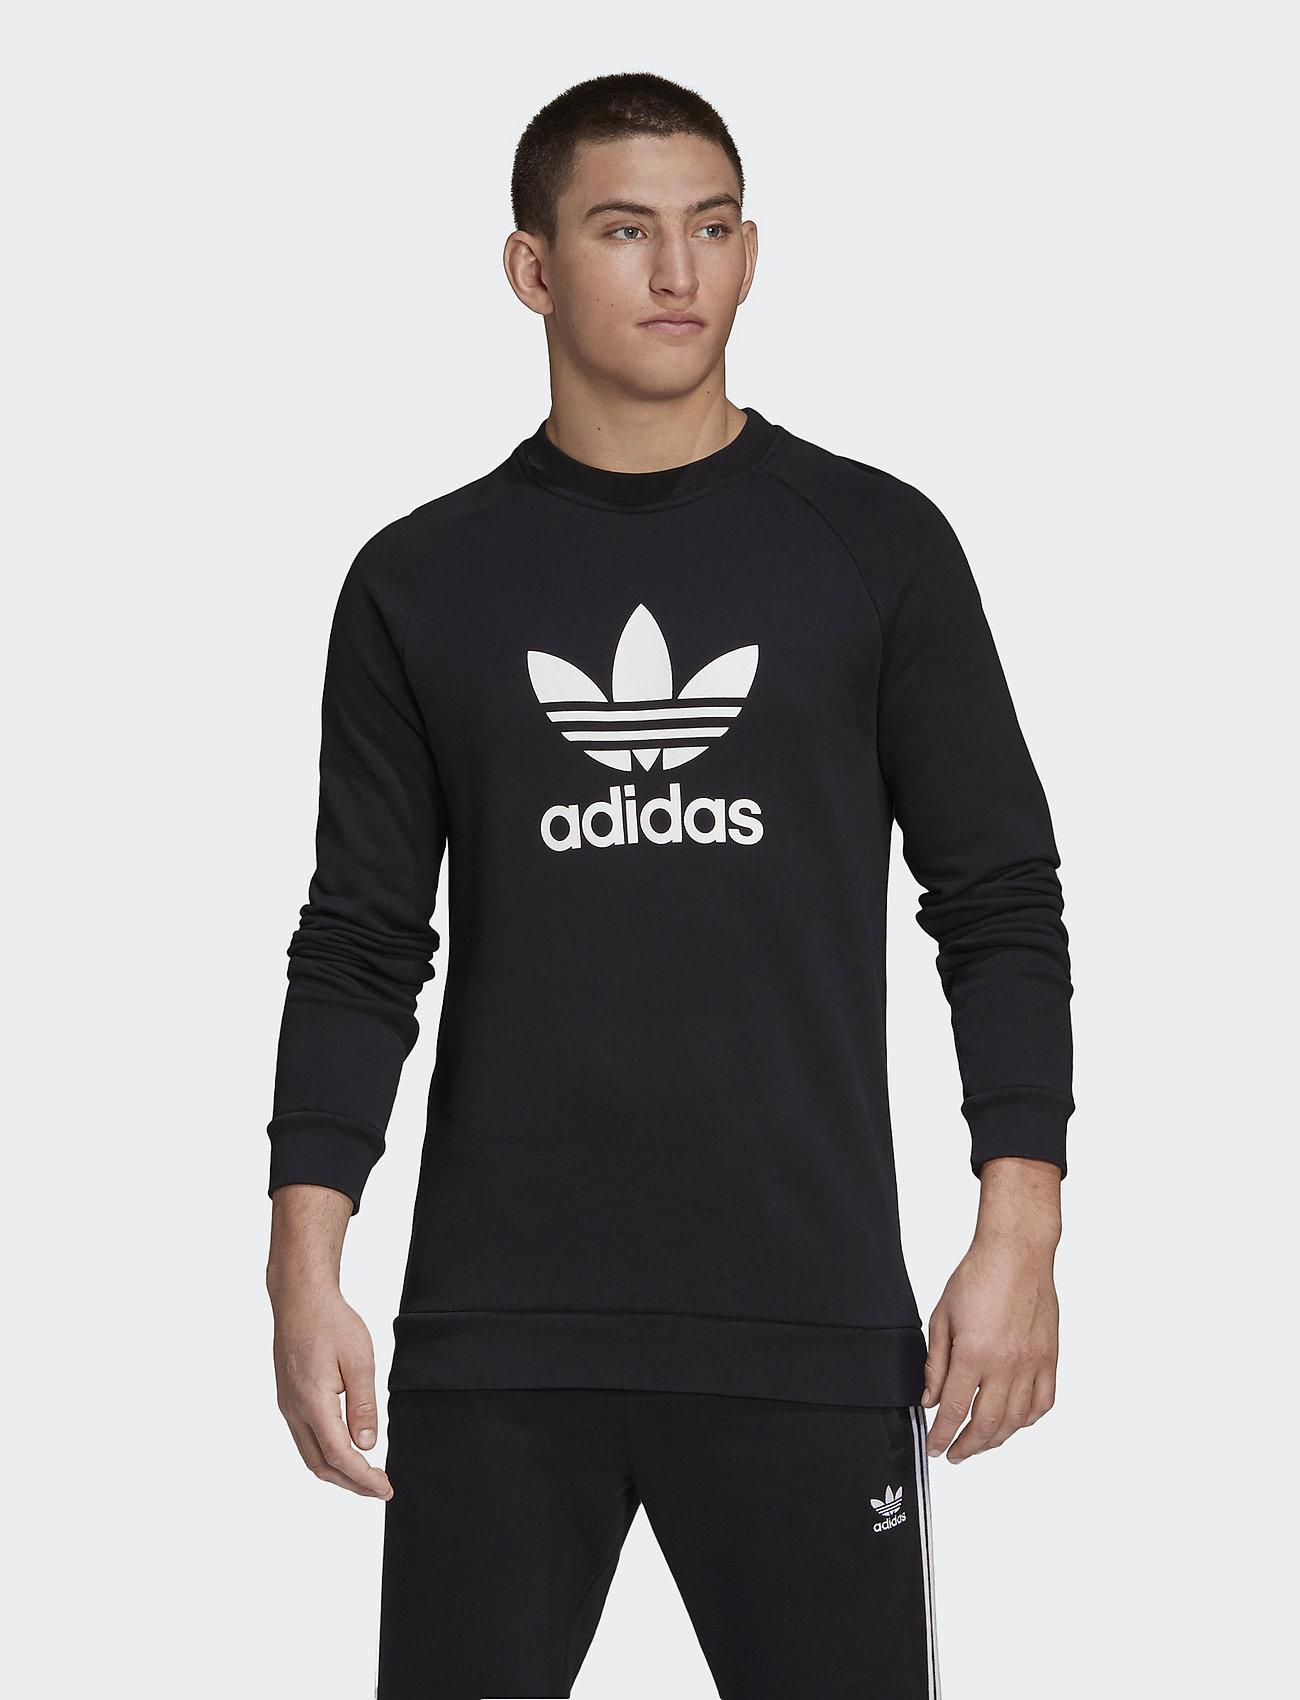 adidas Originals - TREFOIL CREW - overdeler - black - 0